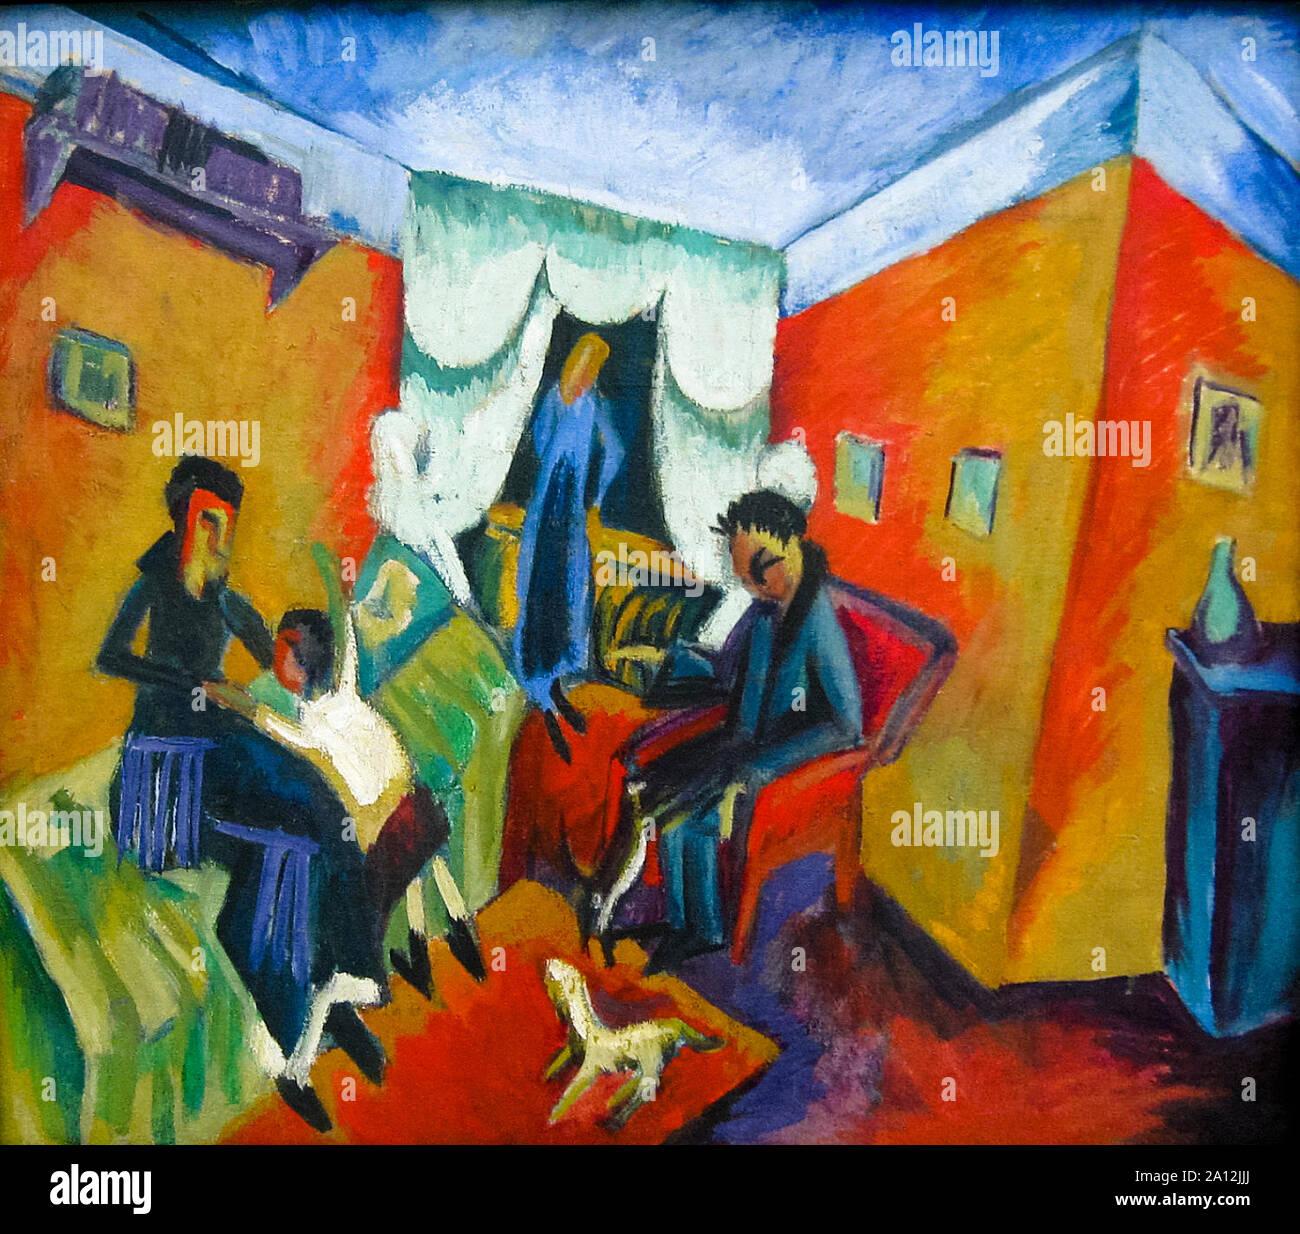 Ernst Ludwig Kirchner, Interieur, (intérieur), peinture, 1915 Banque D'Images